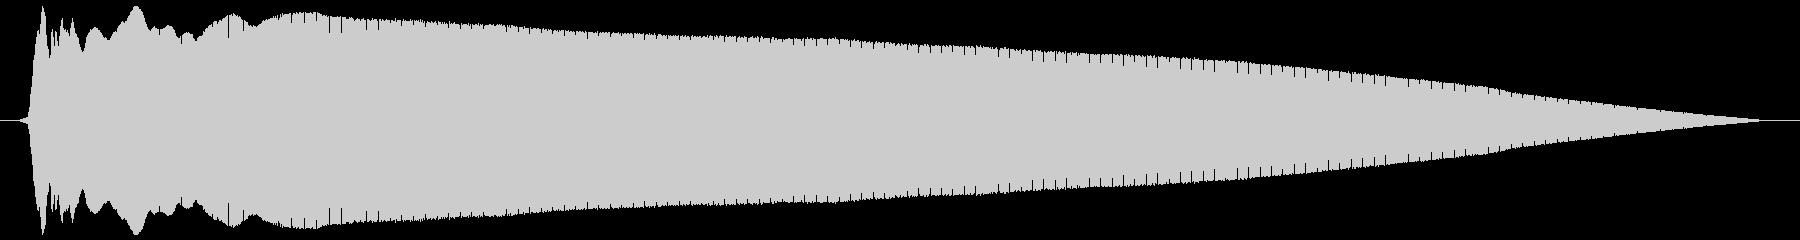 レゲエホーン (低く、長め)の未再生の波形